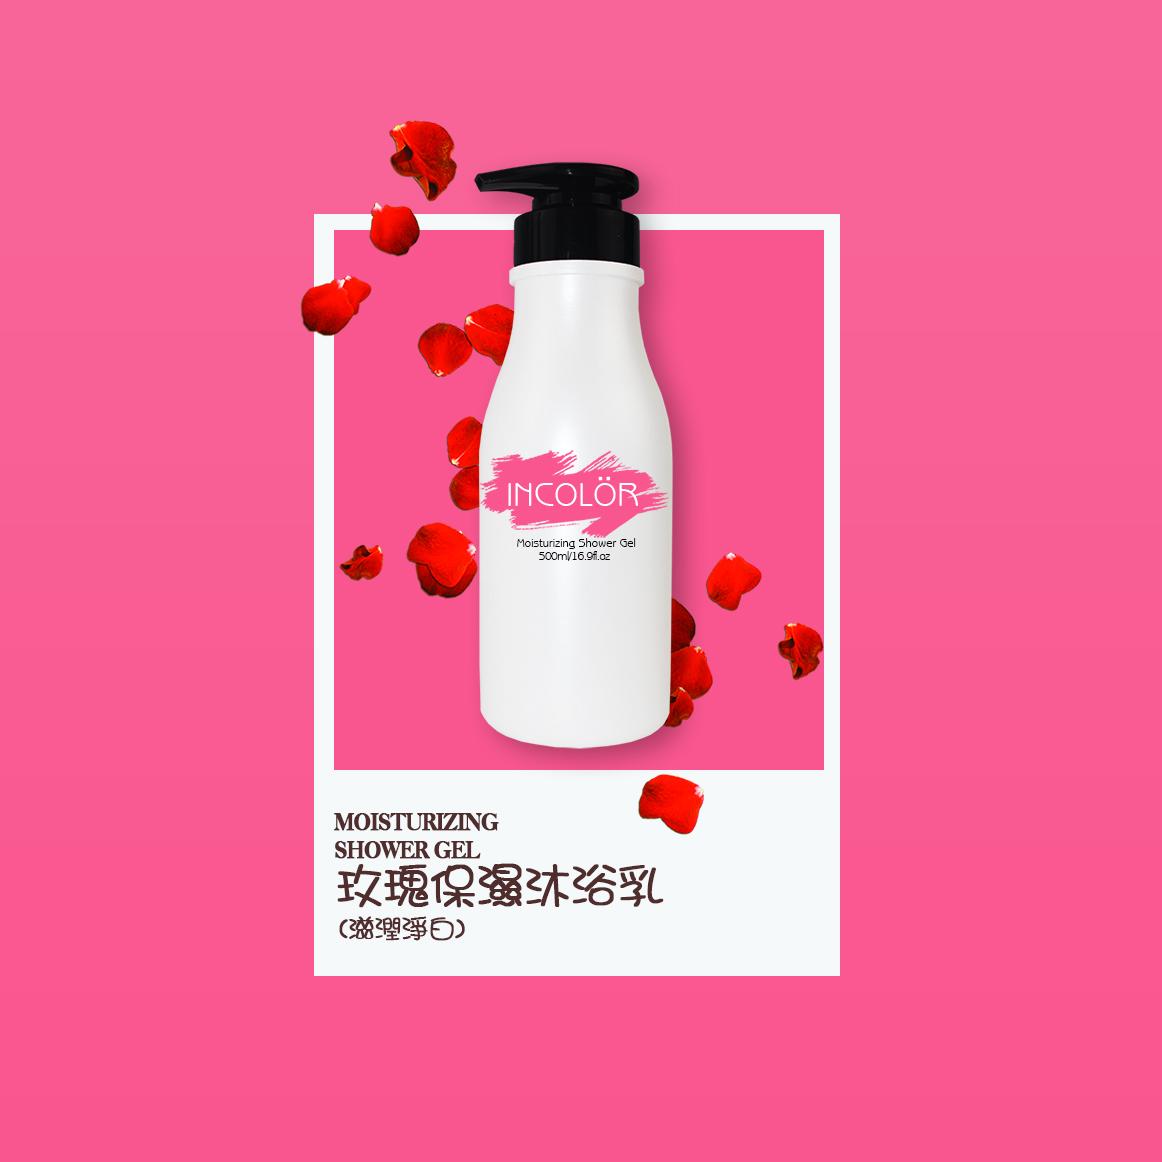 玫瑰保湿沐浴乳